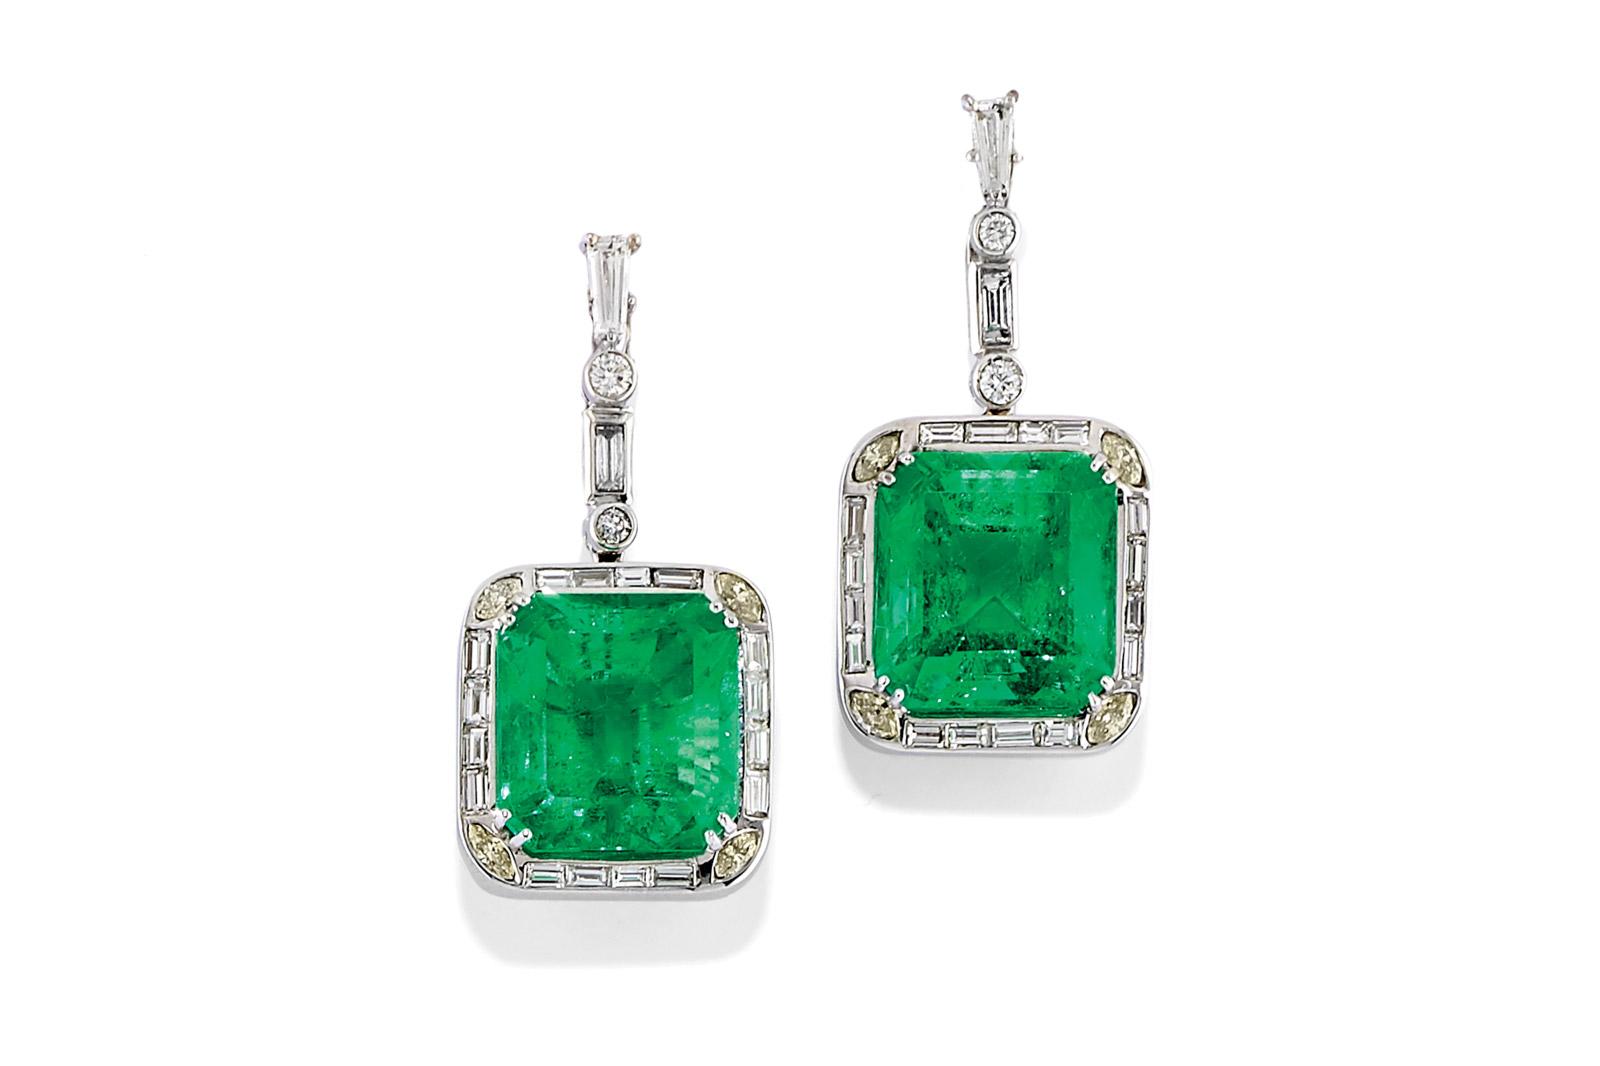 Orecchini Con Smeraldi E Diamanti – Venduti € 49.859,00